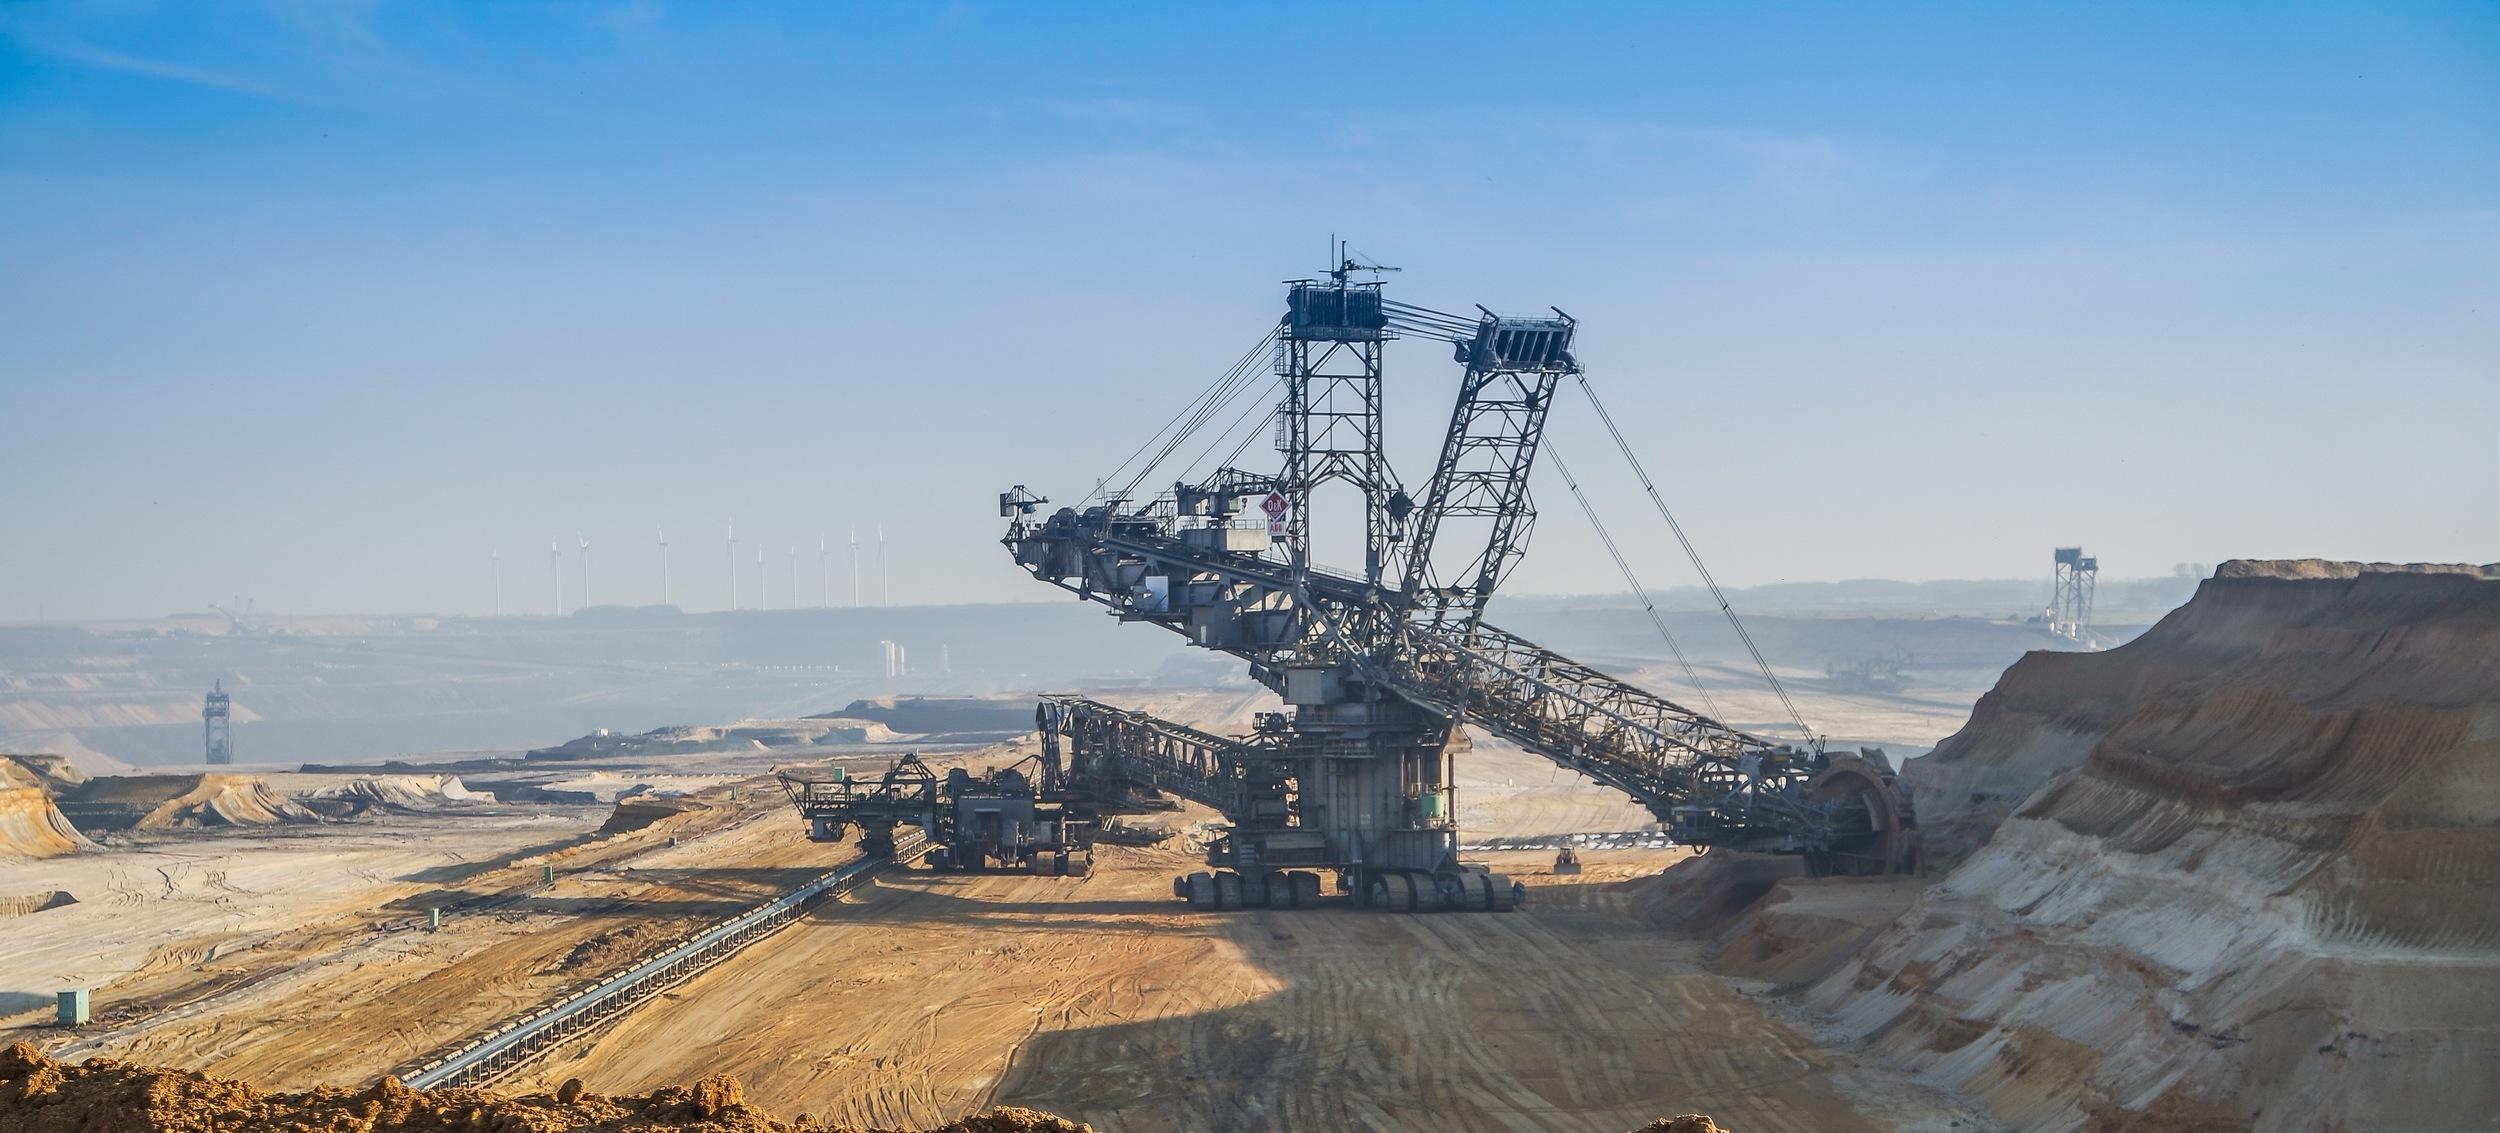 Kohle — die Unterseite der Energiewende